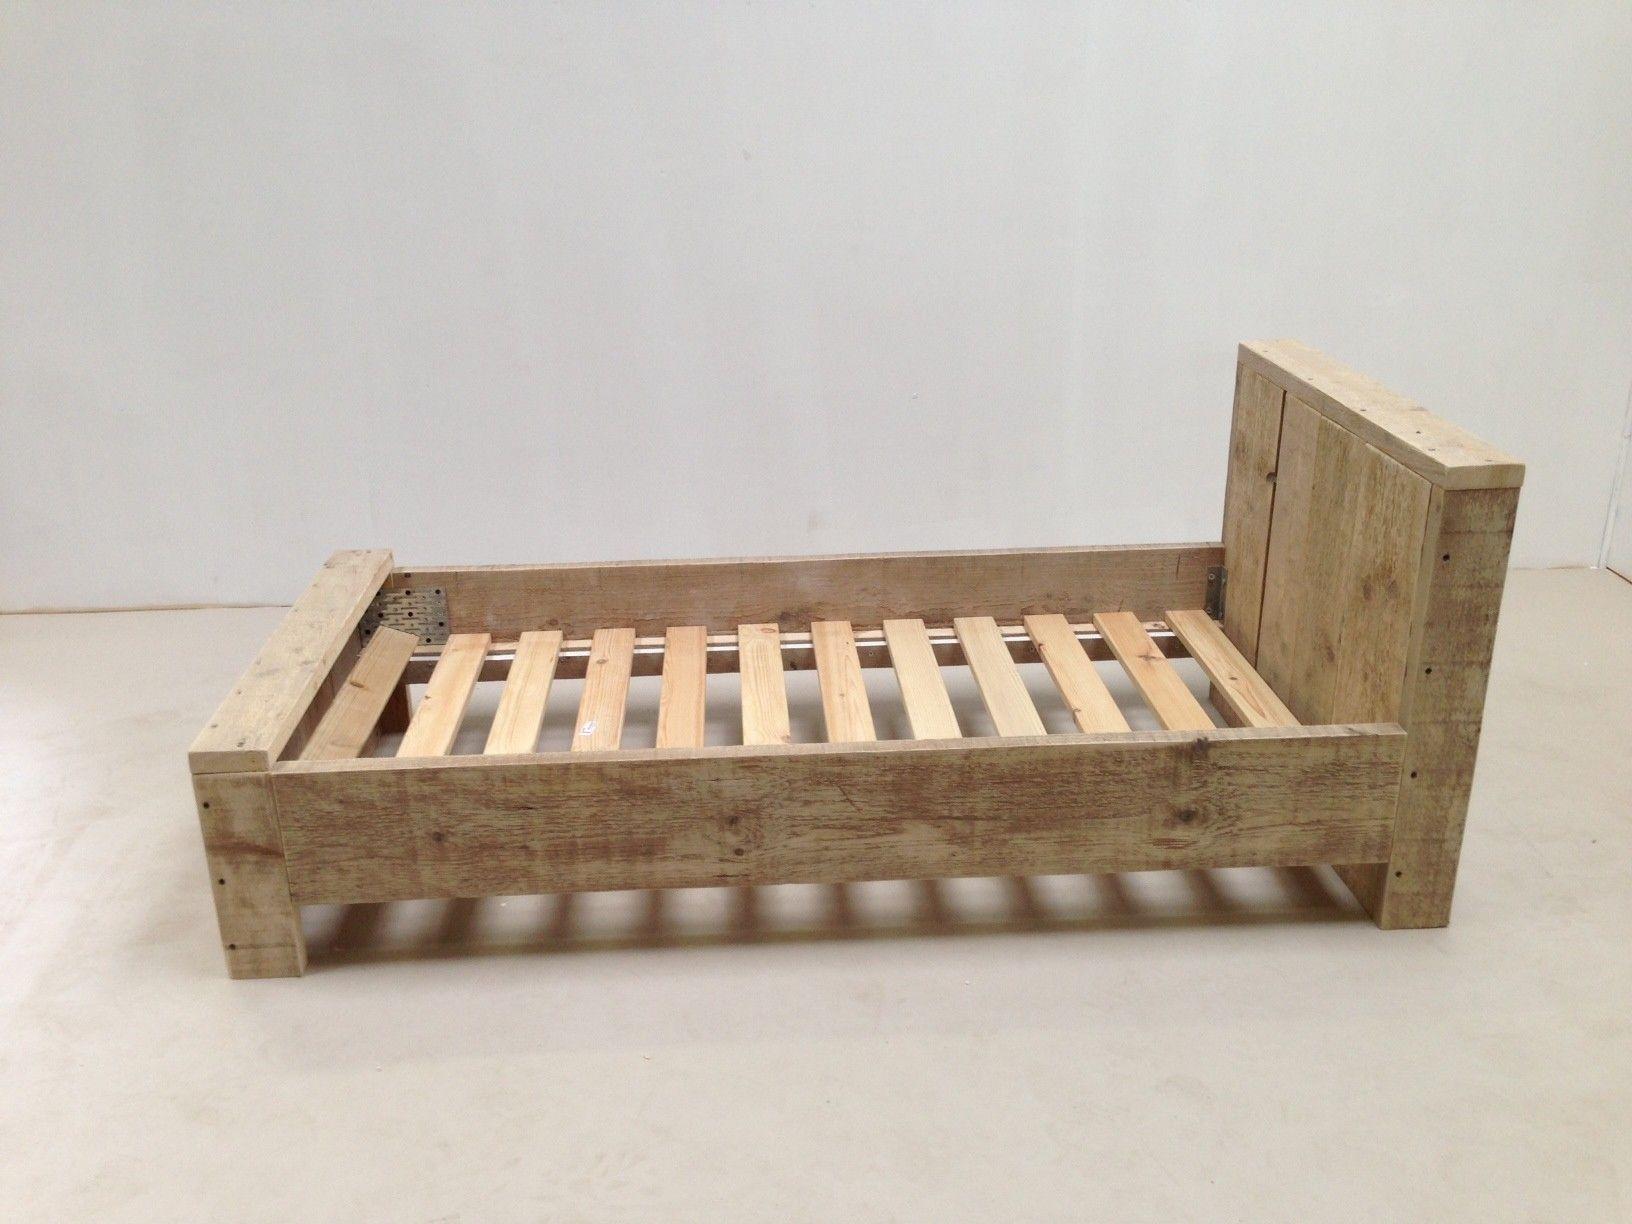 zelf bed maken van steigerhout   Google zoeken   Slaapkamer jongens   Pinterest   Zoeken, Google